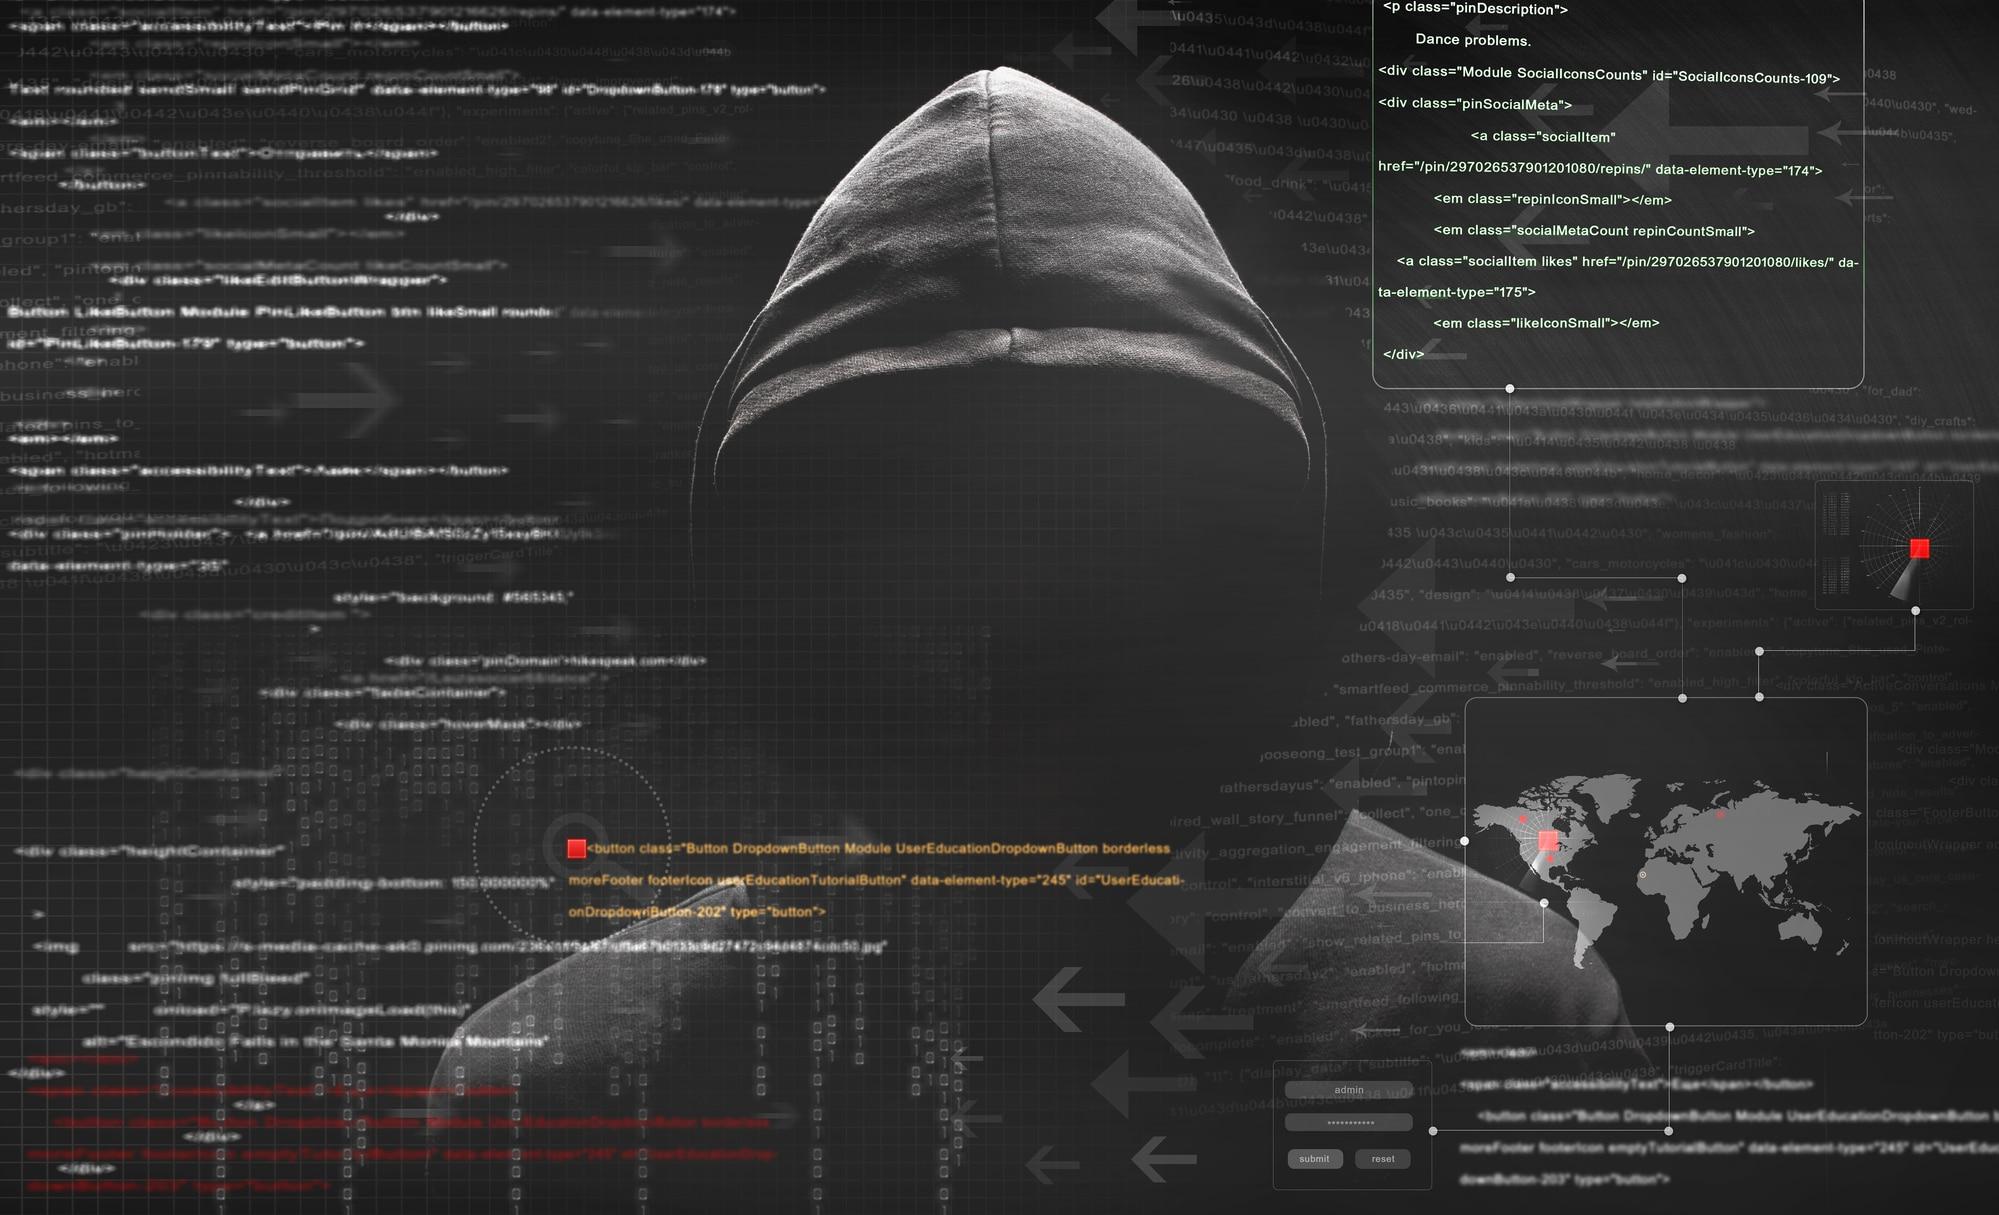 Al Bano e Samuele Bersani ricattati dopo l'attacco hacker alla Siae thumbnail